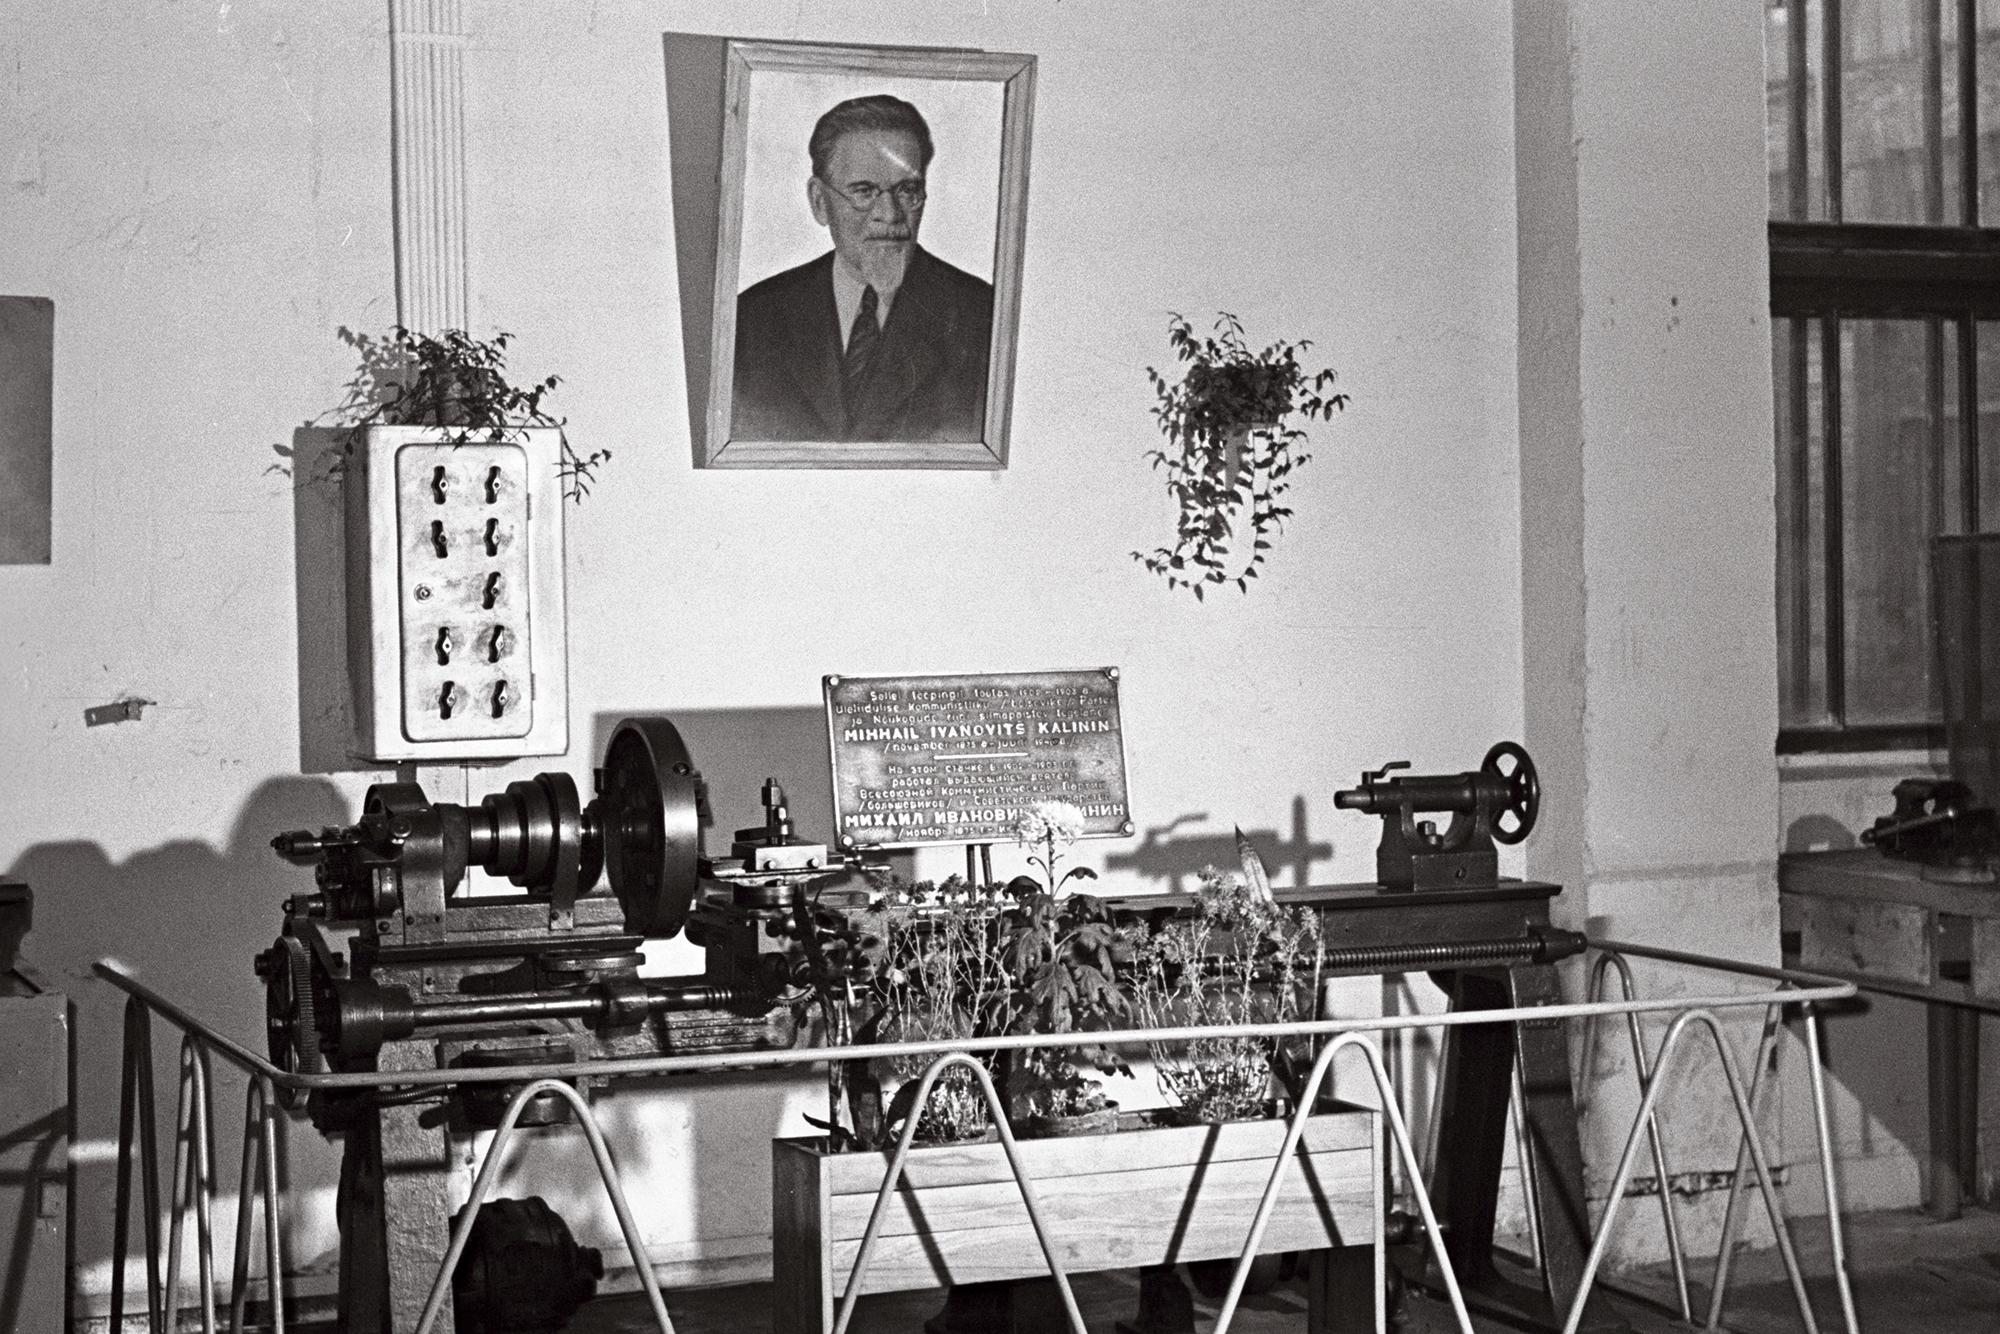 See fakt, et punarevolutsionäär M.I. Kalinin töötas 1901–1903 raudtee peatehases, vallandas sotsialismi ajal tema tööpingi kultuse. Tööpingist kujundati omamoodi altar, 1962. Foto: O.Juhani / Rahvusarhiivi fotoarhiiv